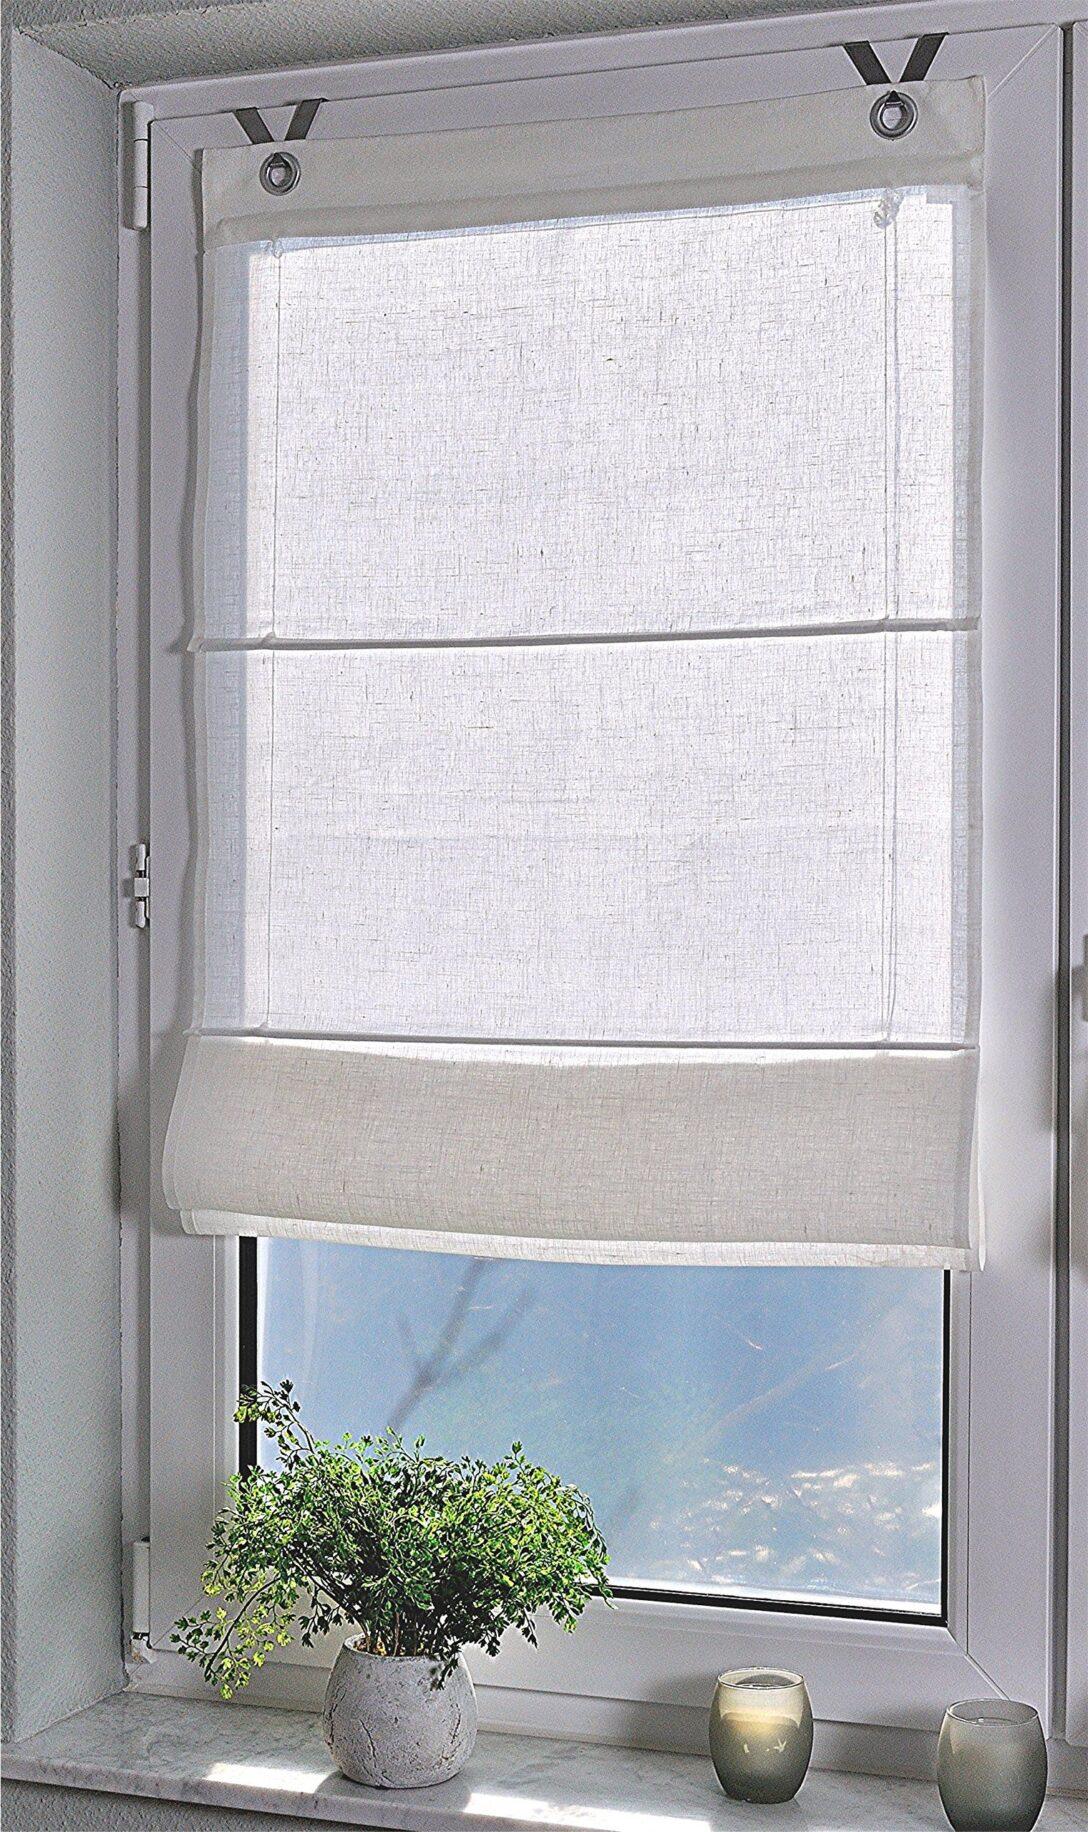 Large Size of Küche Vorhänge Modern Raffrollo Senrollo Metis Weiss 100 Leinen 45 140 Amazonde Eckküche Mit Elektrogeräten Arbeitsplatte Komplettküche Ikea Miniküche Wohnzimmer Küche Vorhänge Modern